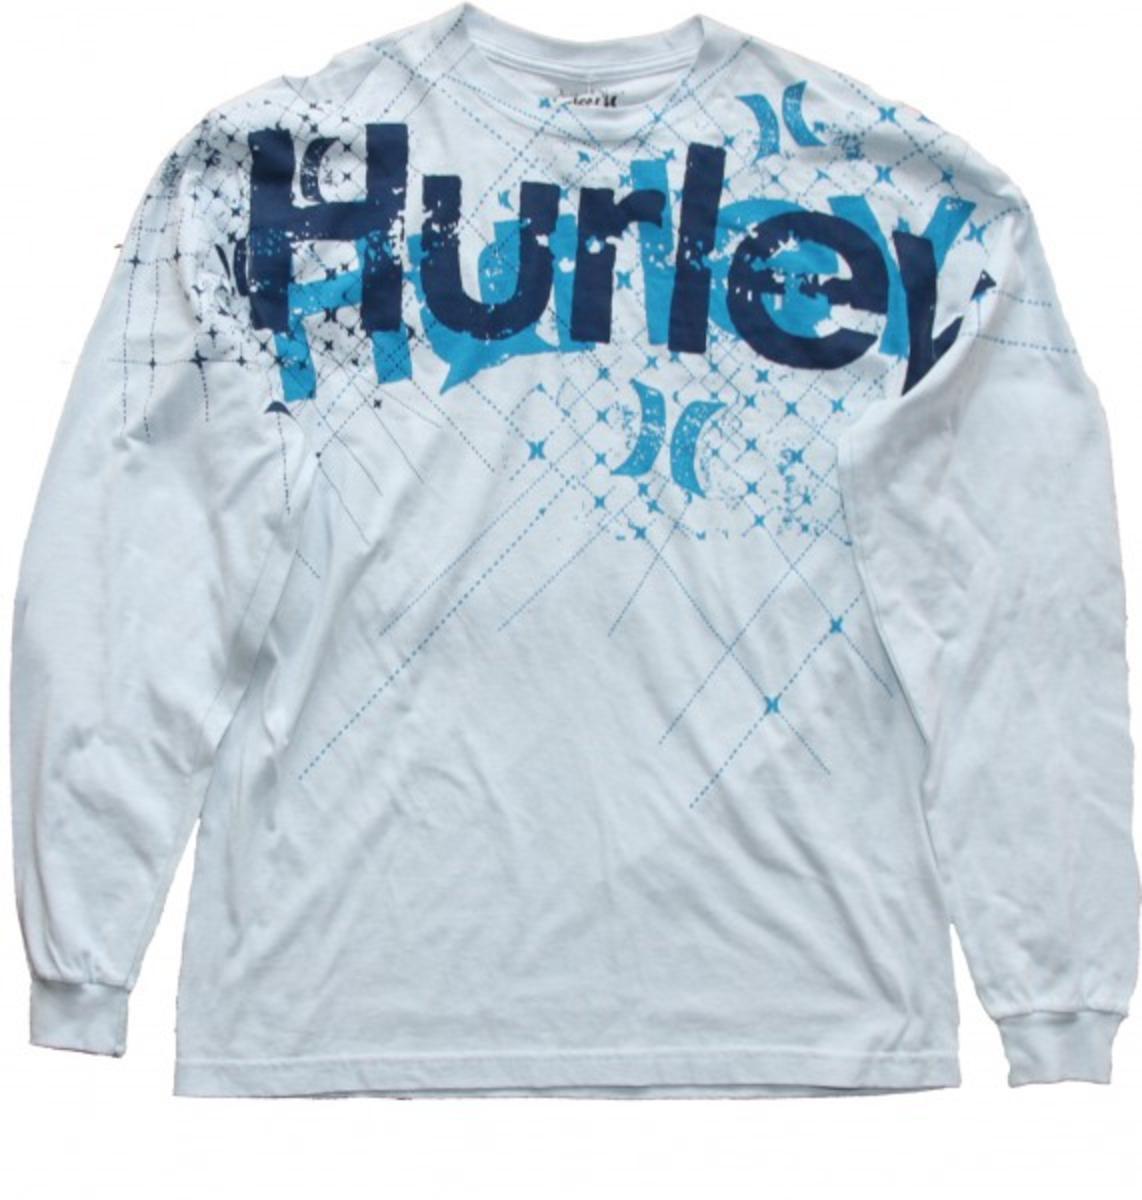 Hurley Skateboard Long Sleeve T Shirt Facet Sky Blue Skatewear